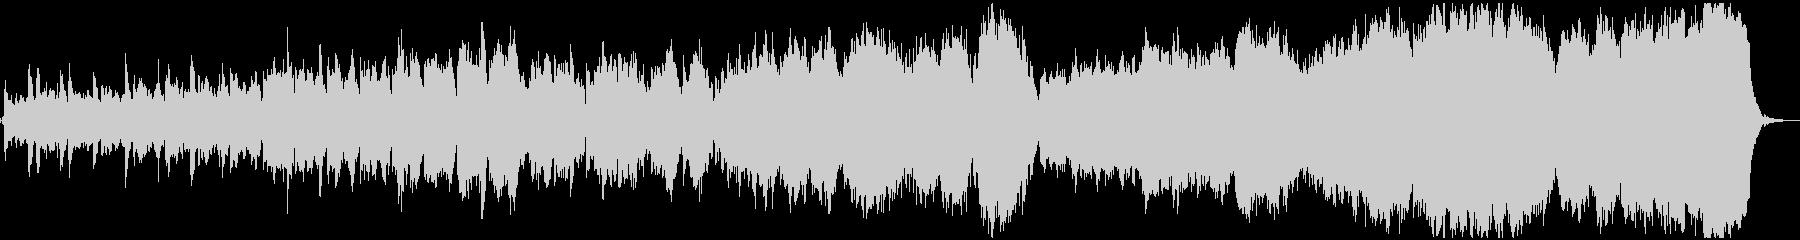 流れるようなメロディのクラシック調の曲の未再生の波形